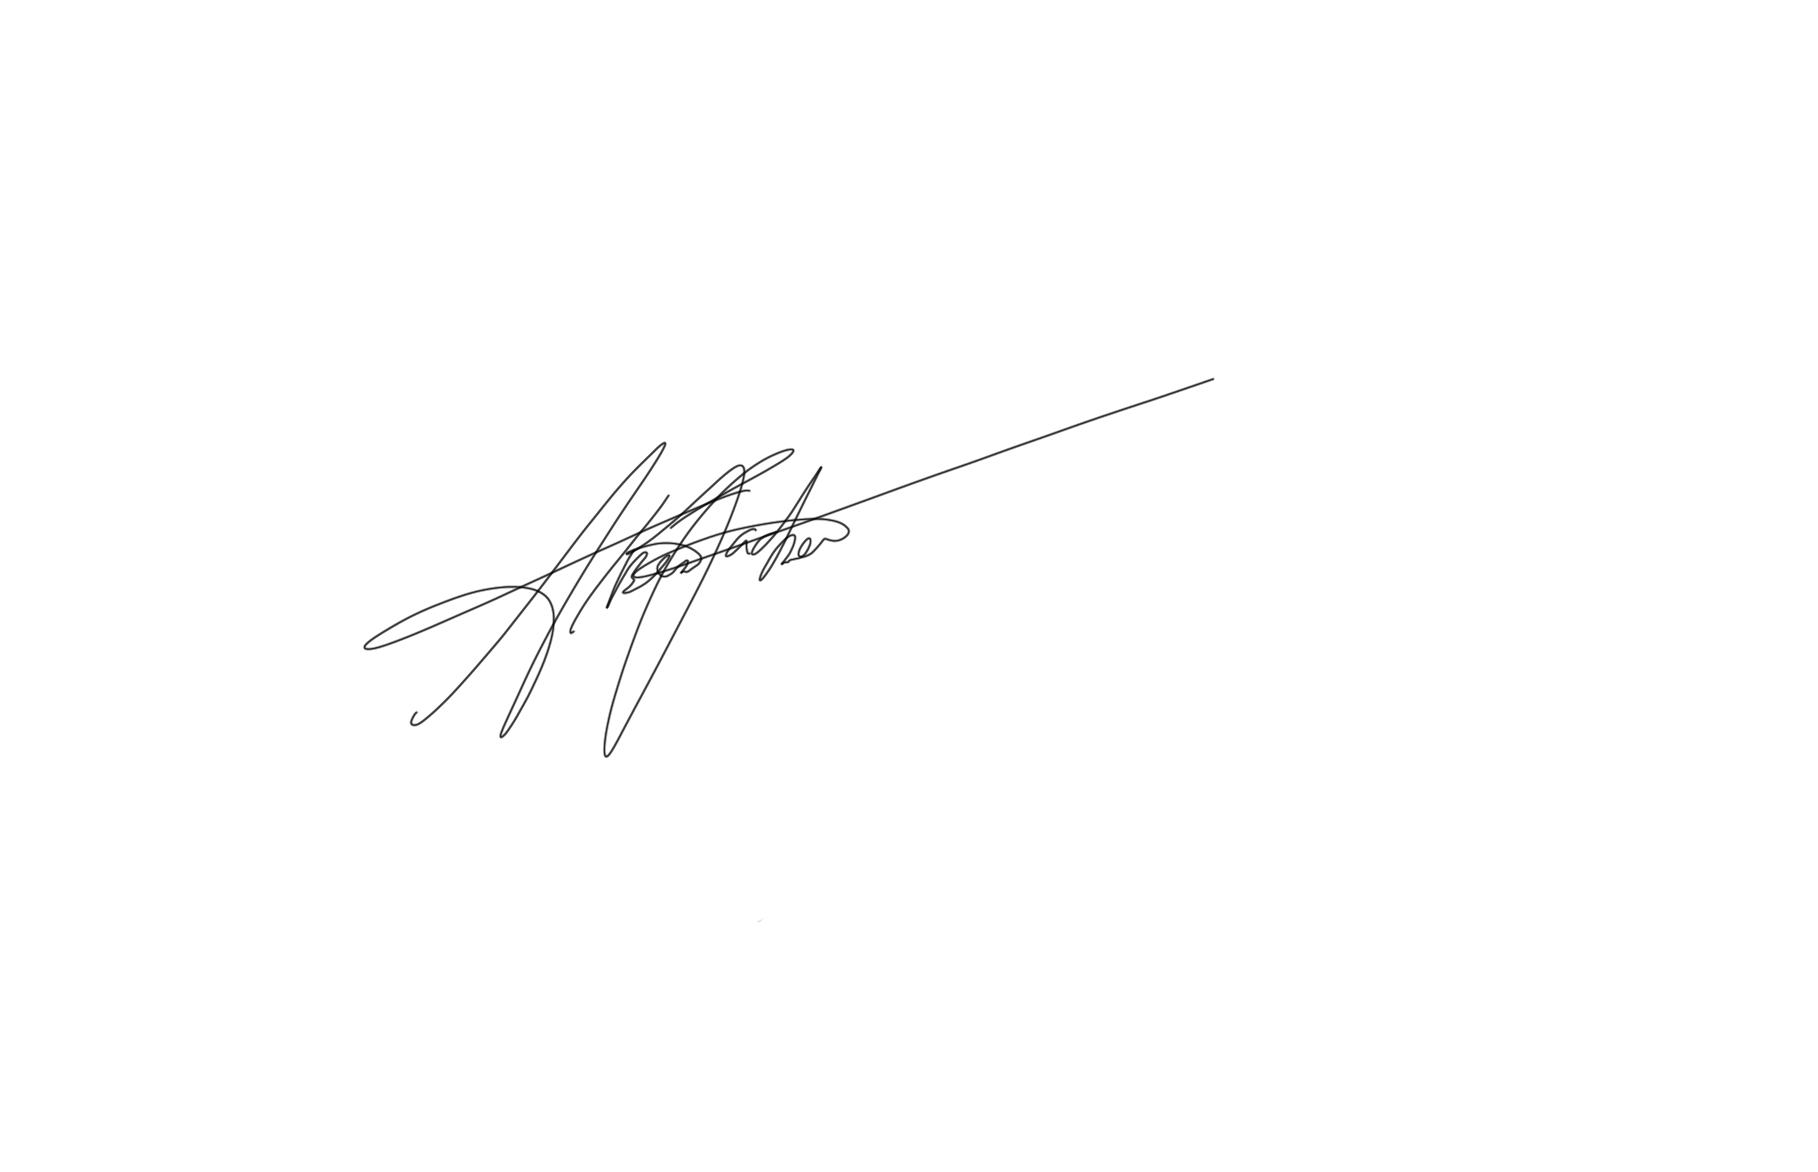 Alberto Pacheco's Signature